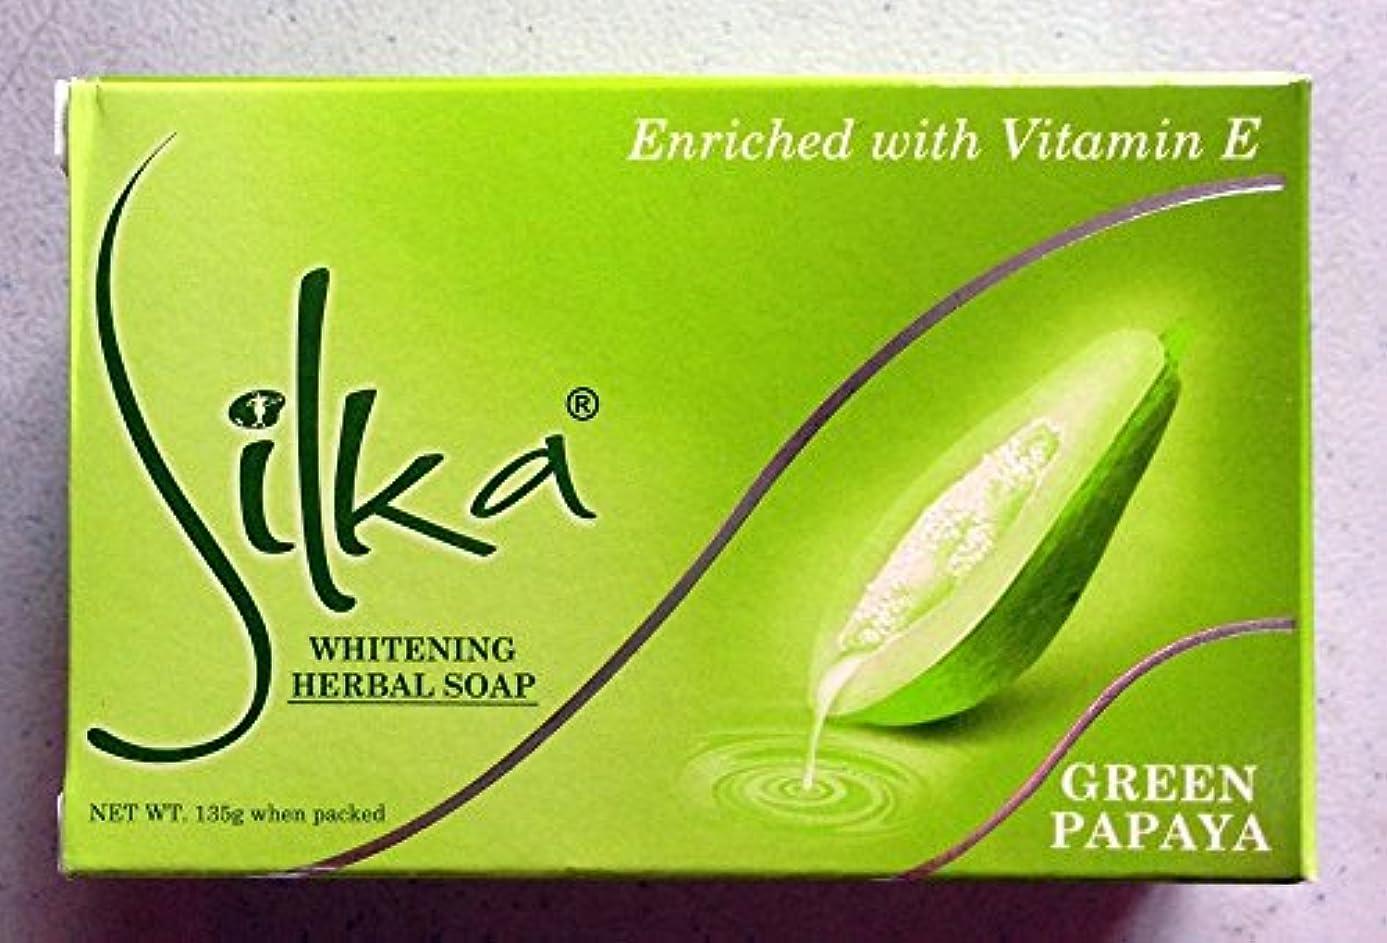 破壊的苦痛ネックレスシルカ グリーン パパイヤソープ 135g Silka green papaya soap